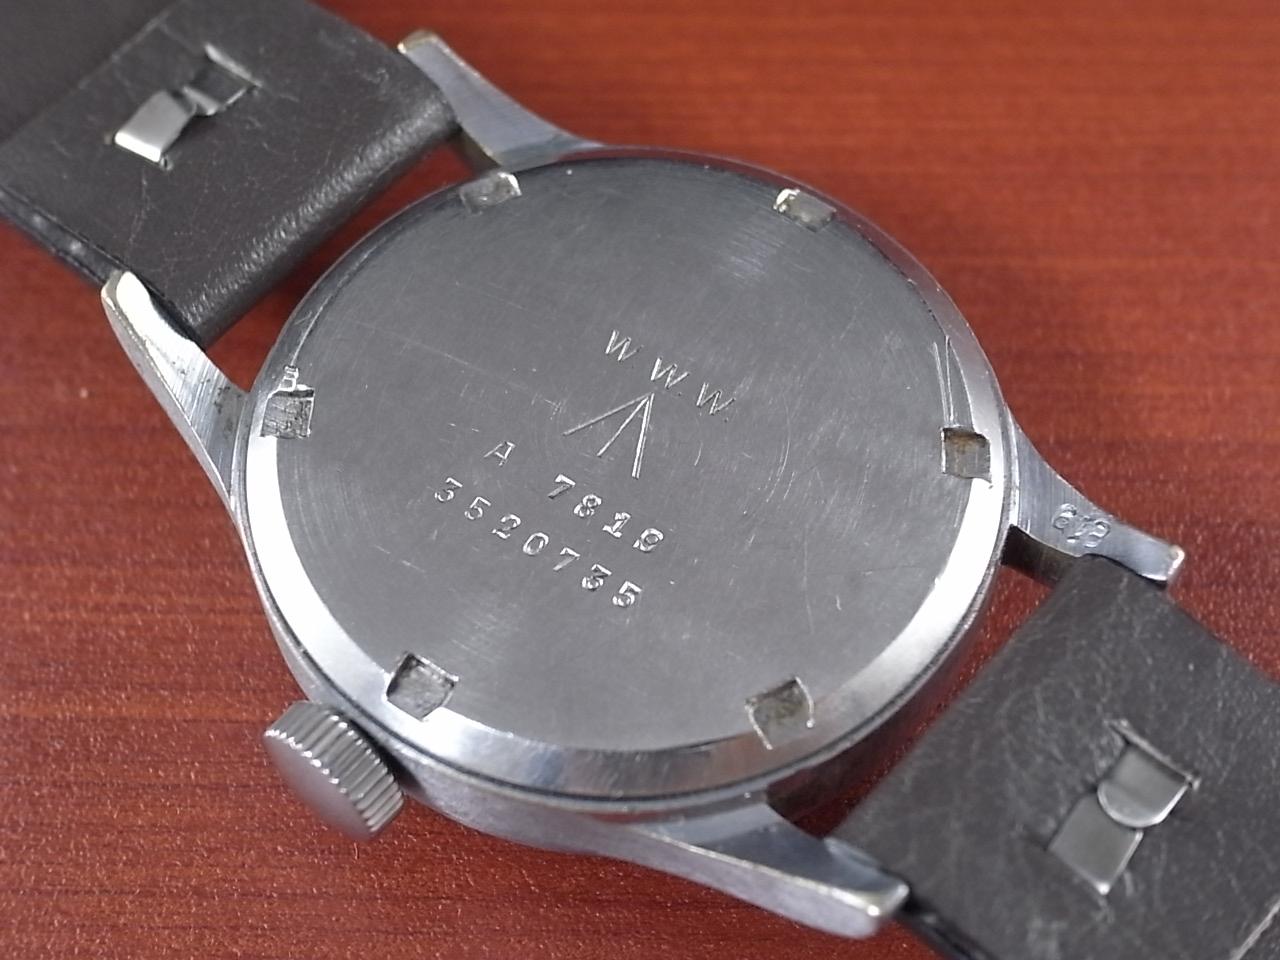 バーテックス 軍用時計 英陸軍 W.W.W. 1940年代の写真4枚目